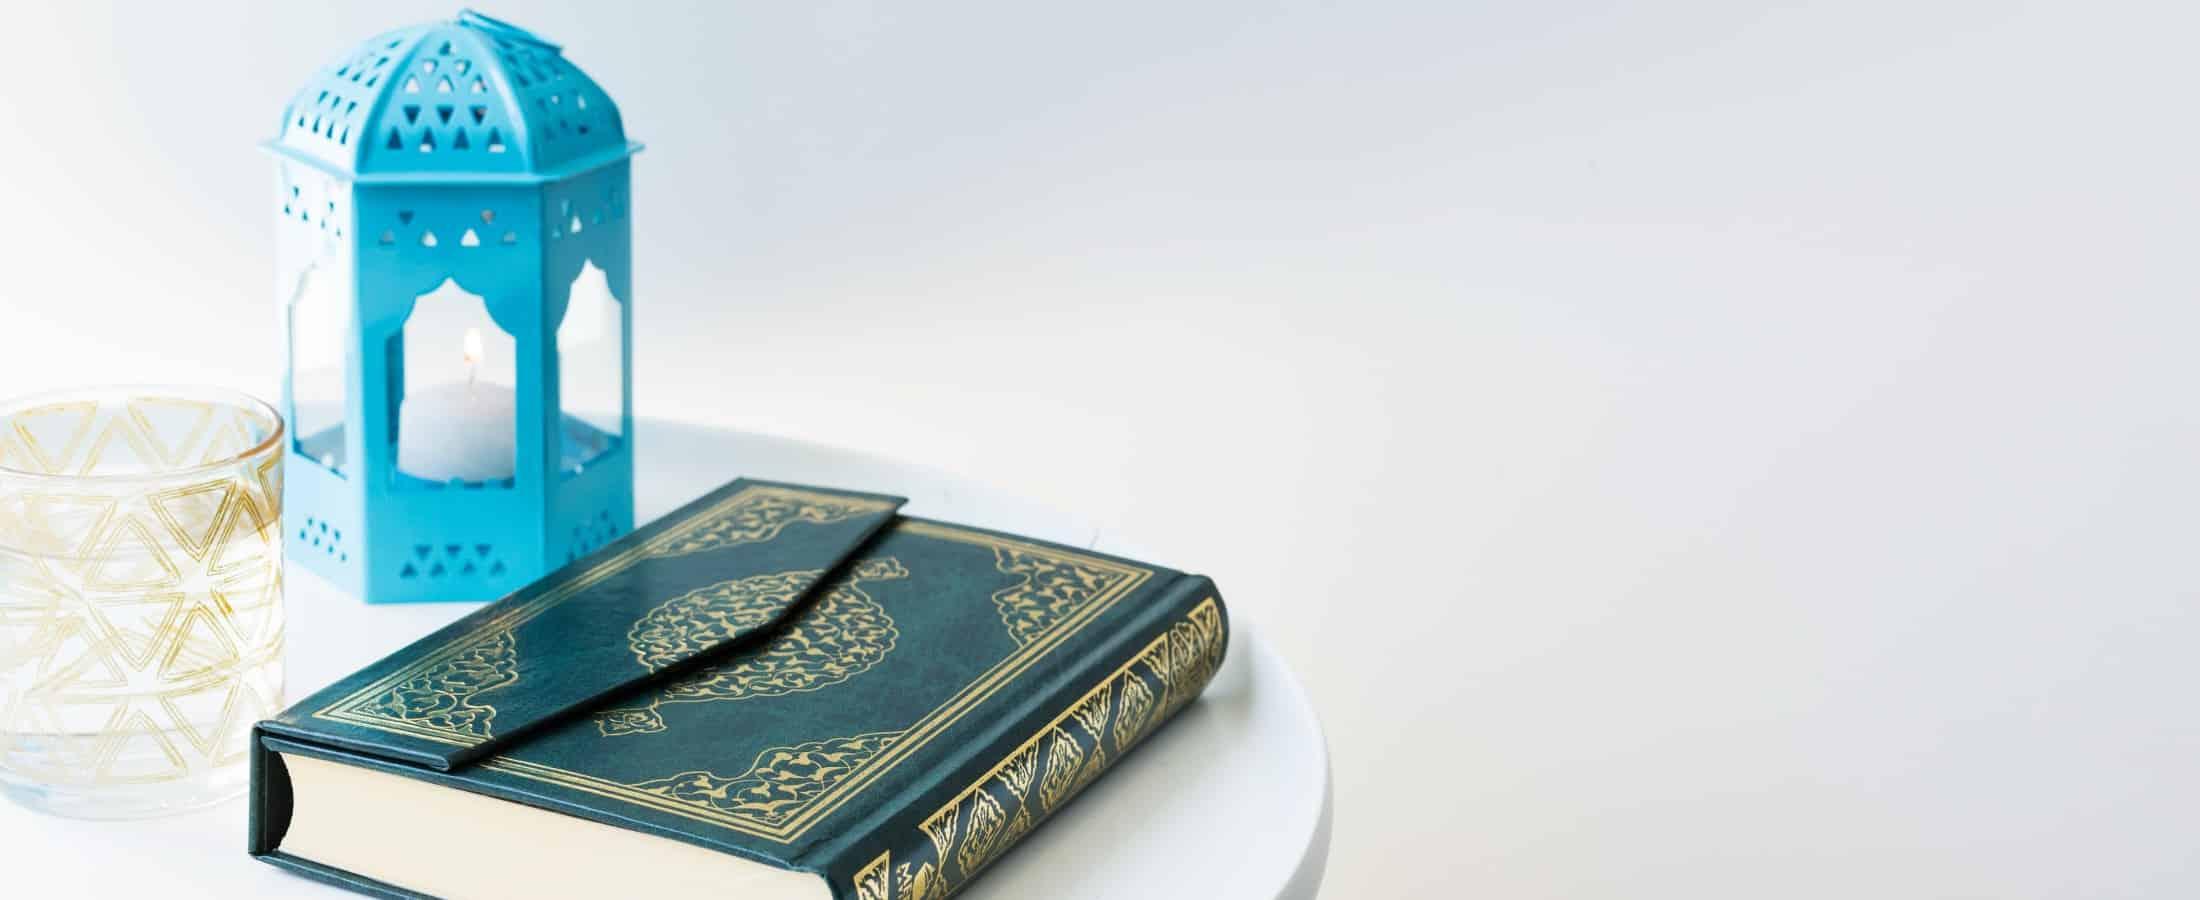 apprenez l u0026 39 arabe et m u00e9morisez le coran en ligne par skype